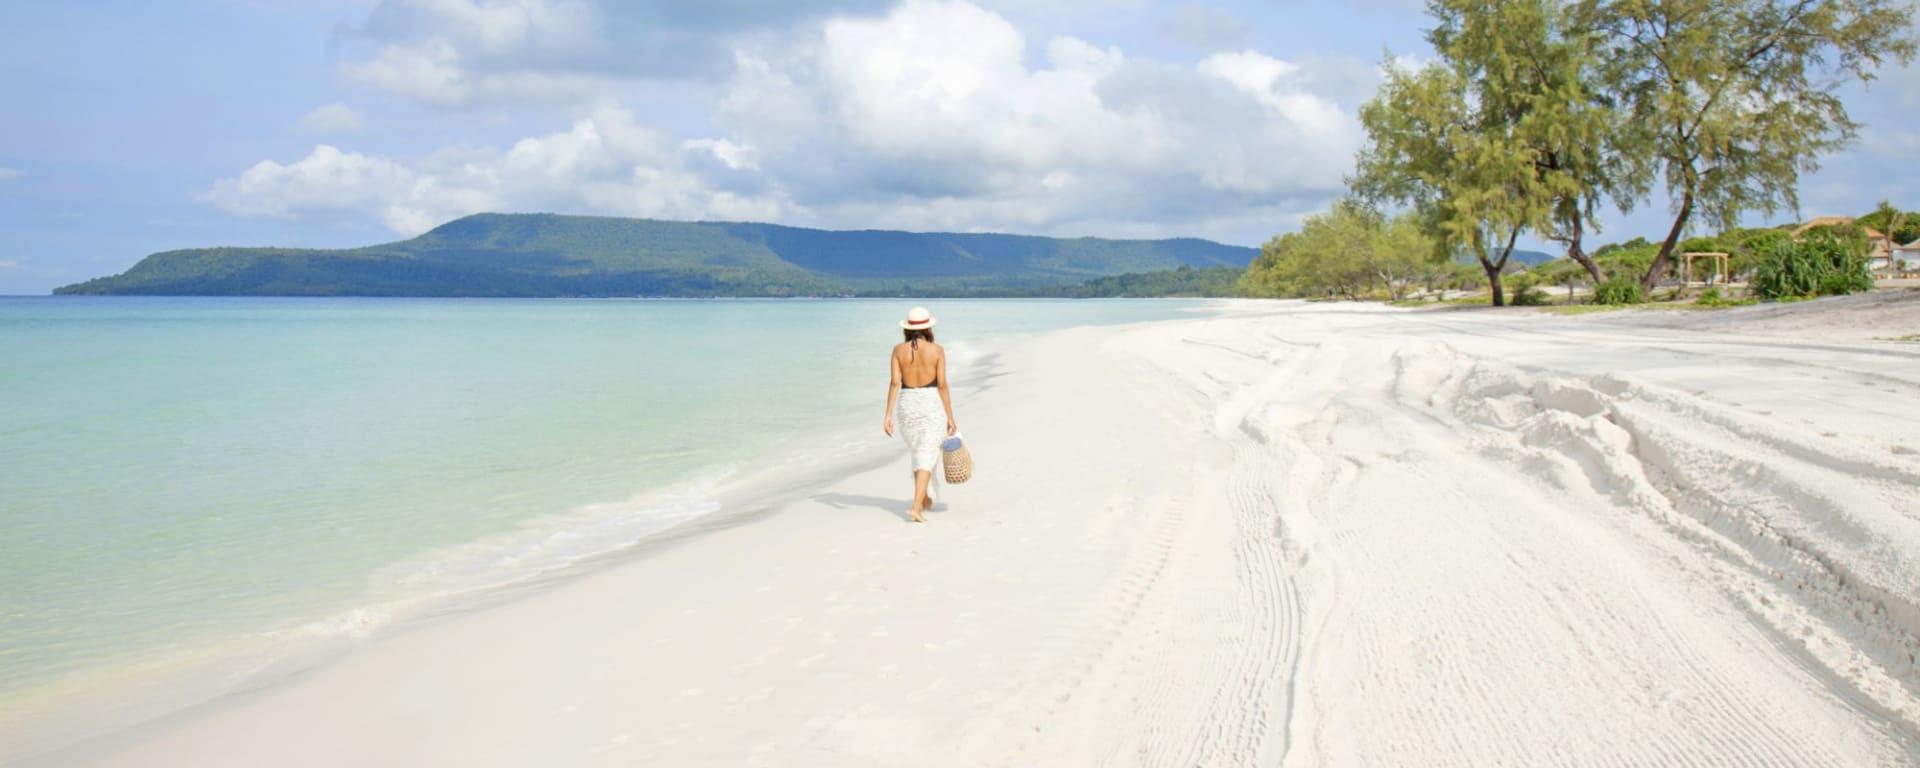 The Royal Sands Koh Rong à Sihanoukville & Îles: Beach